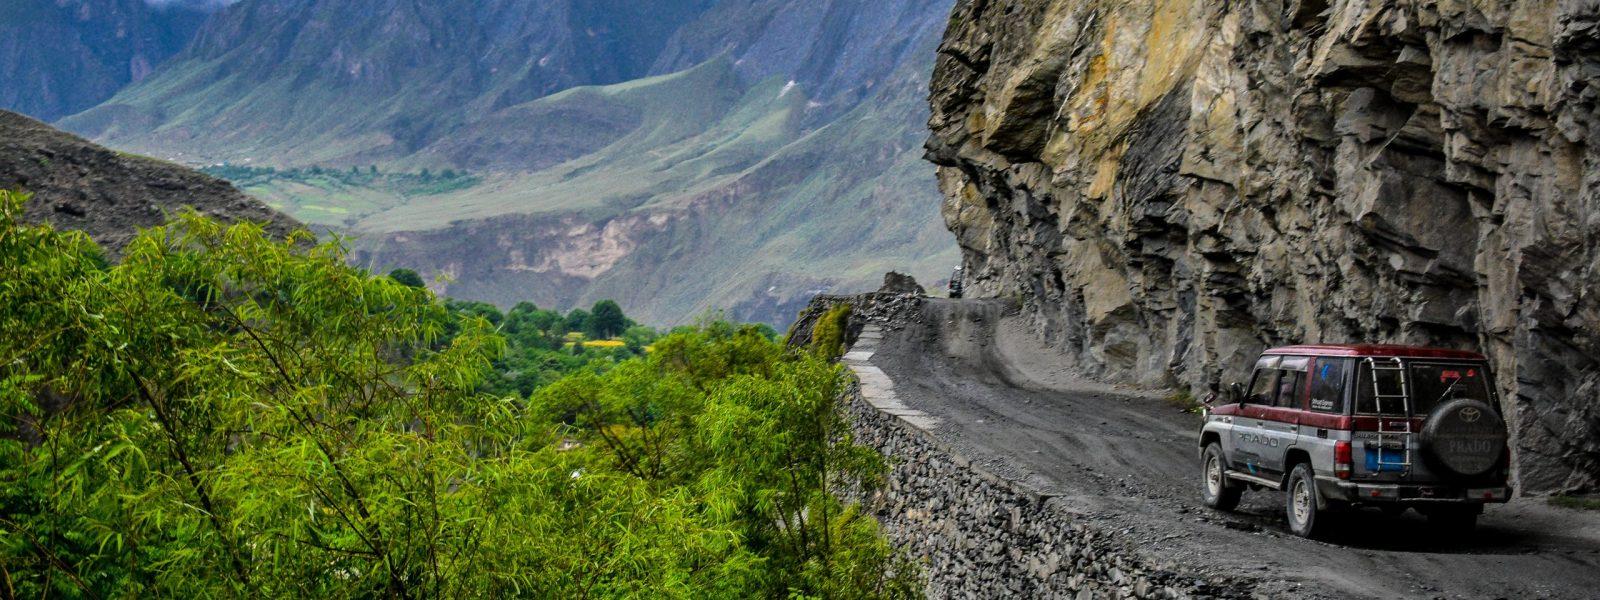 Lahore To Kalash Valley Tour